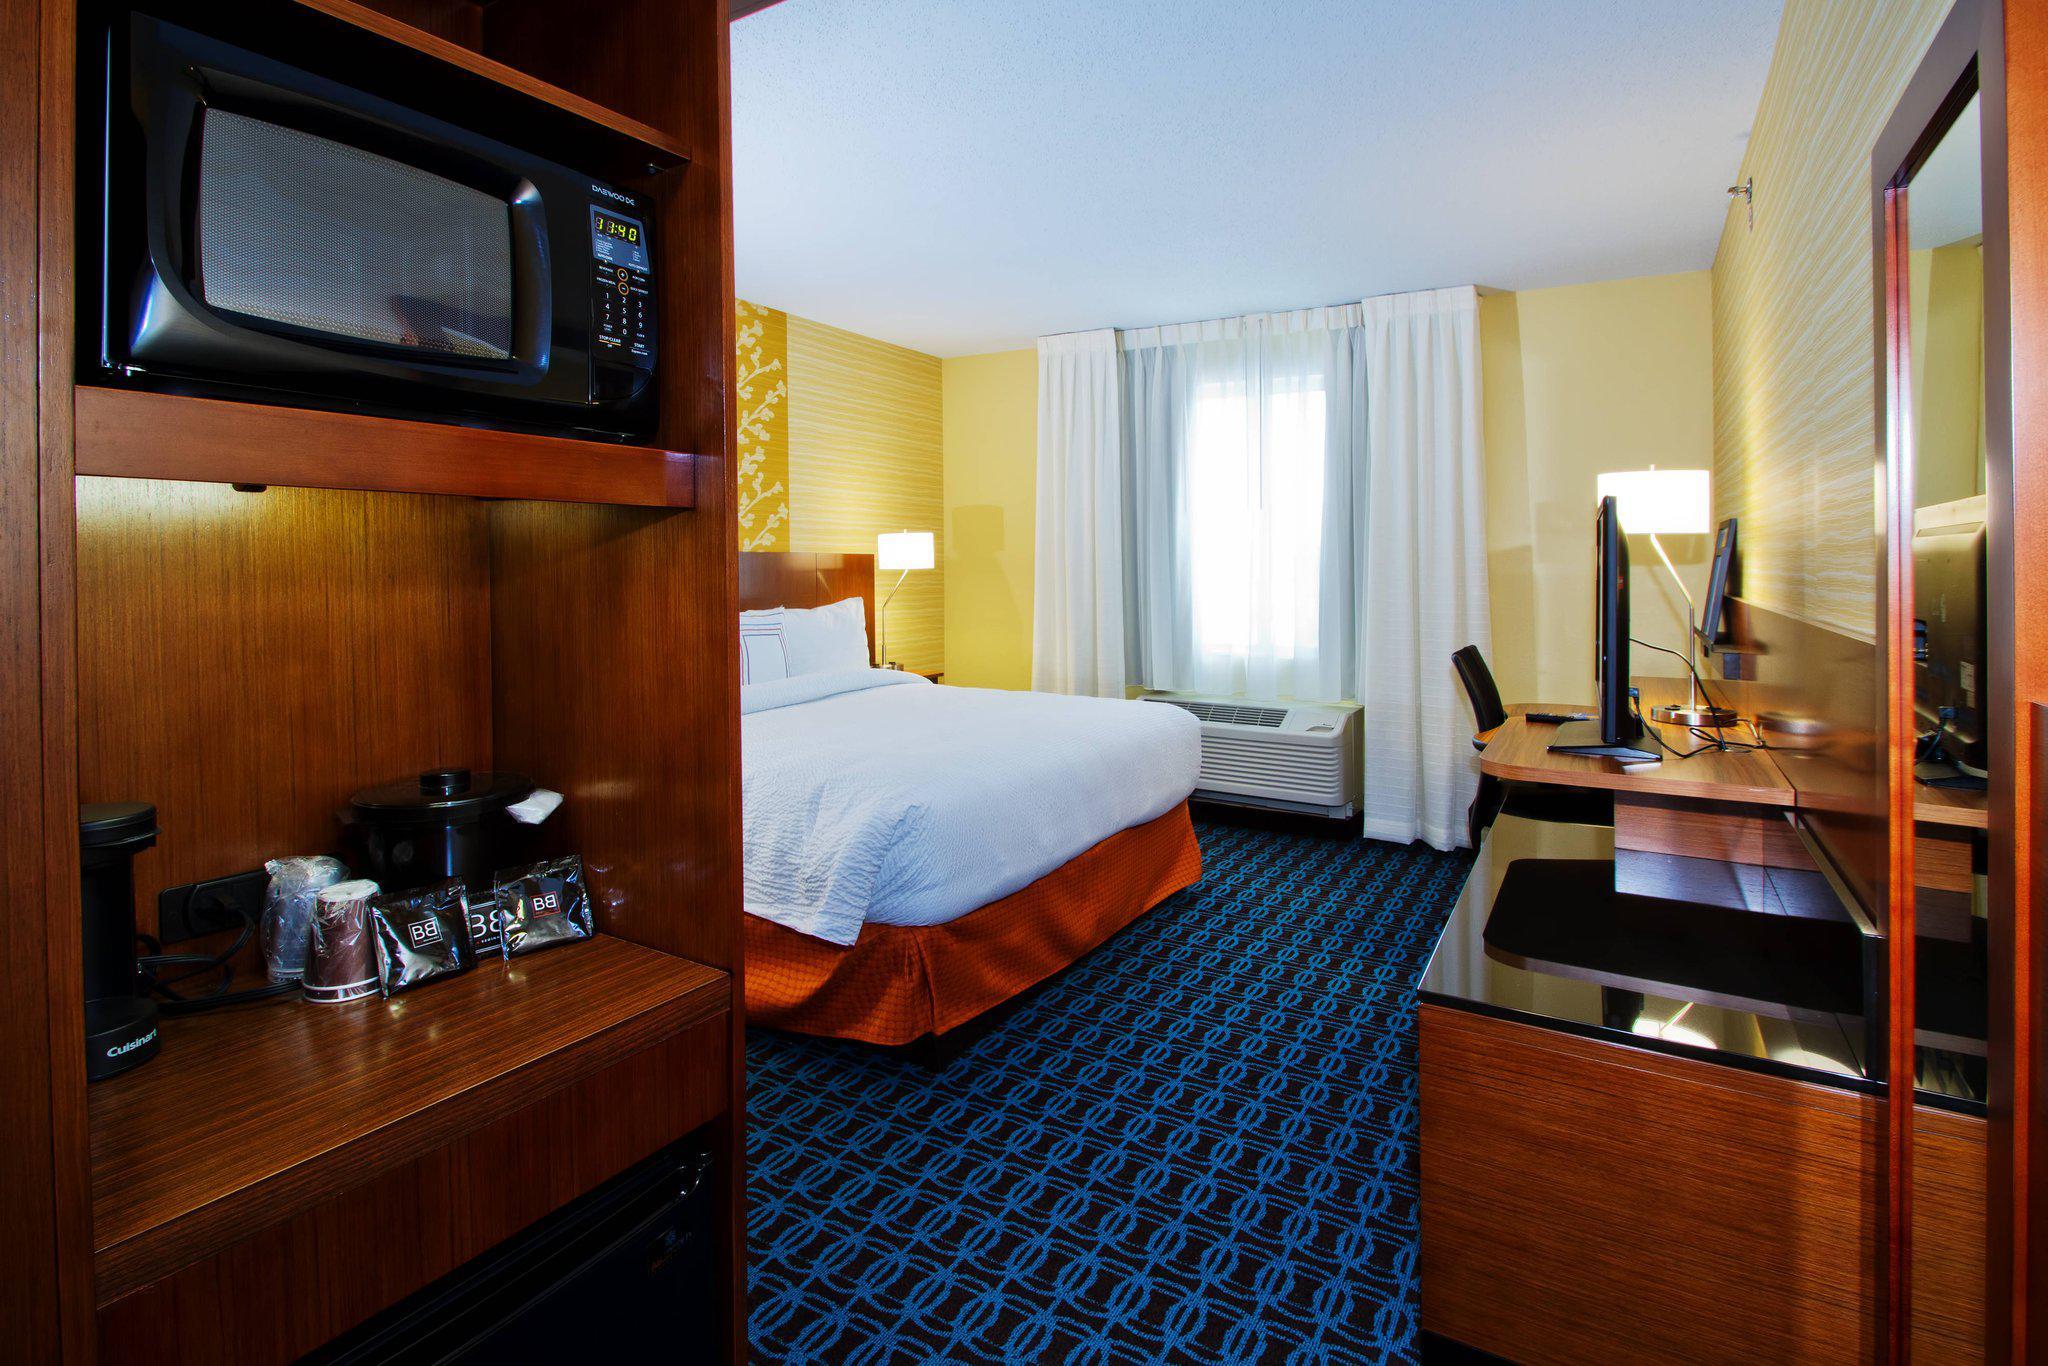 Fairfield Inn & Suites by Marriott St. Louis West/Wentzville